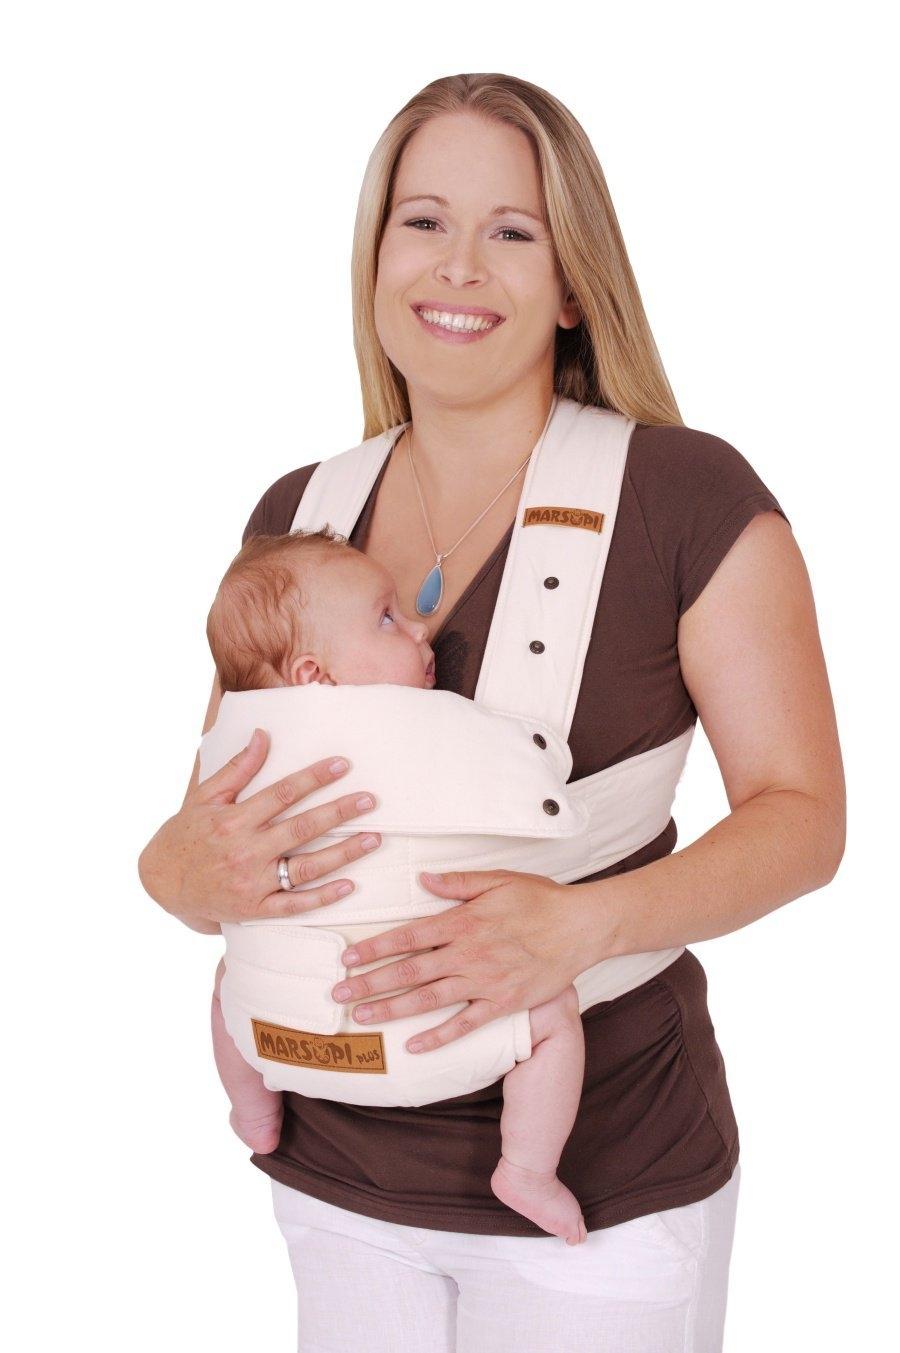 Porte bébé - MARSUPI